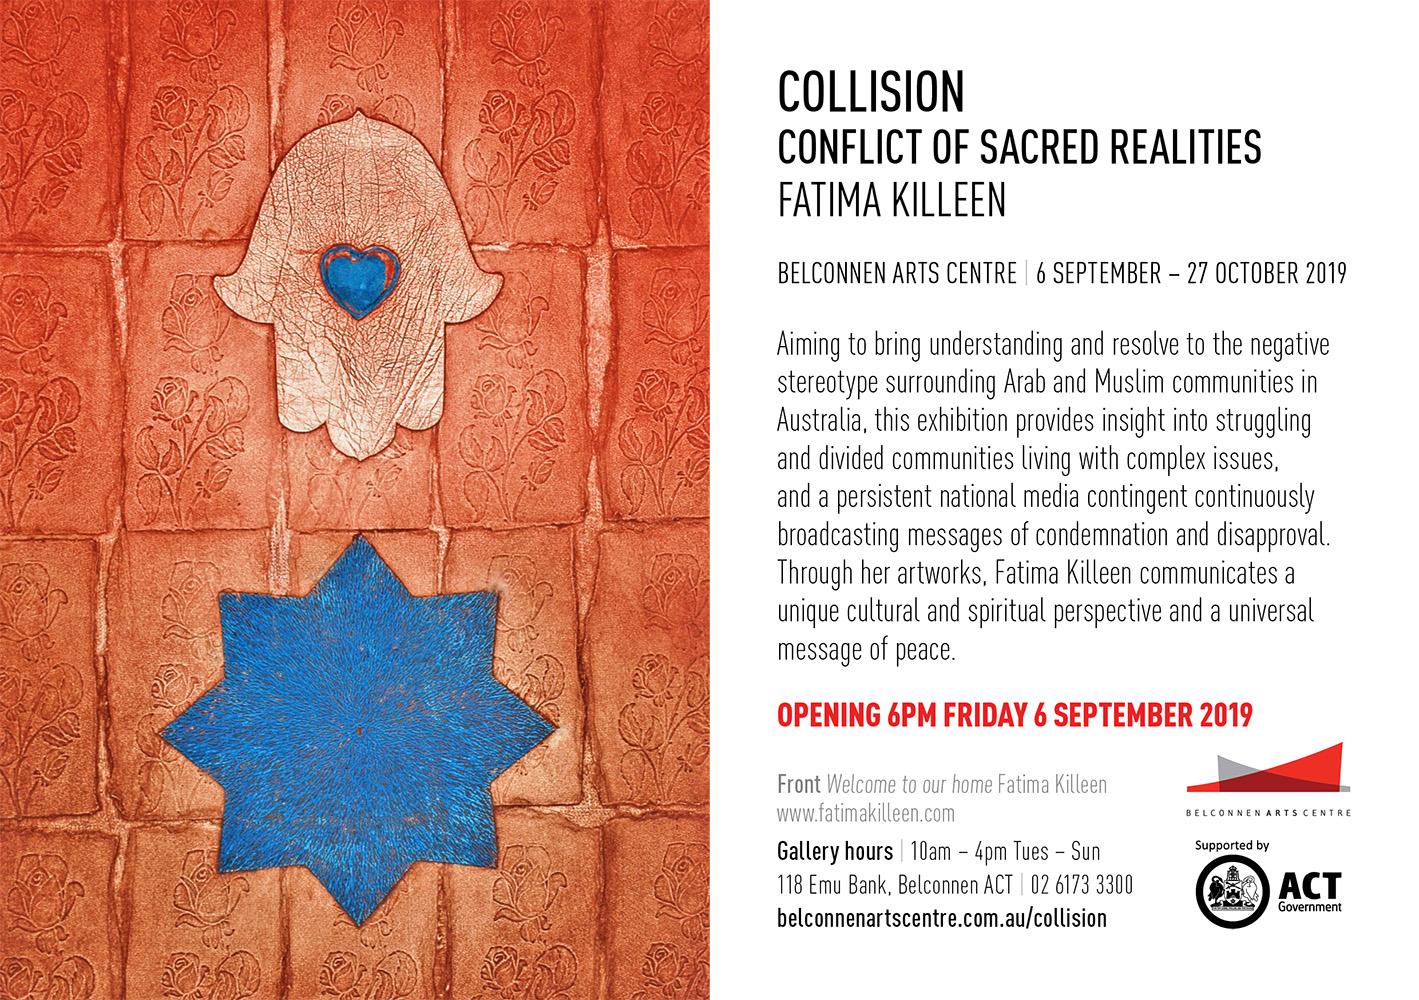 E-invitation - Collision